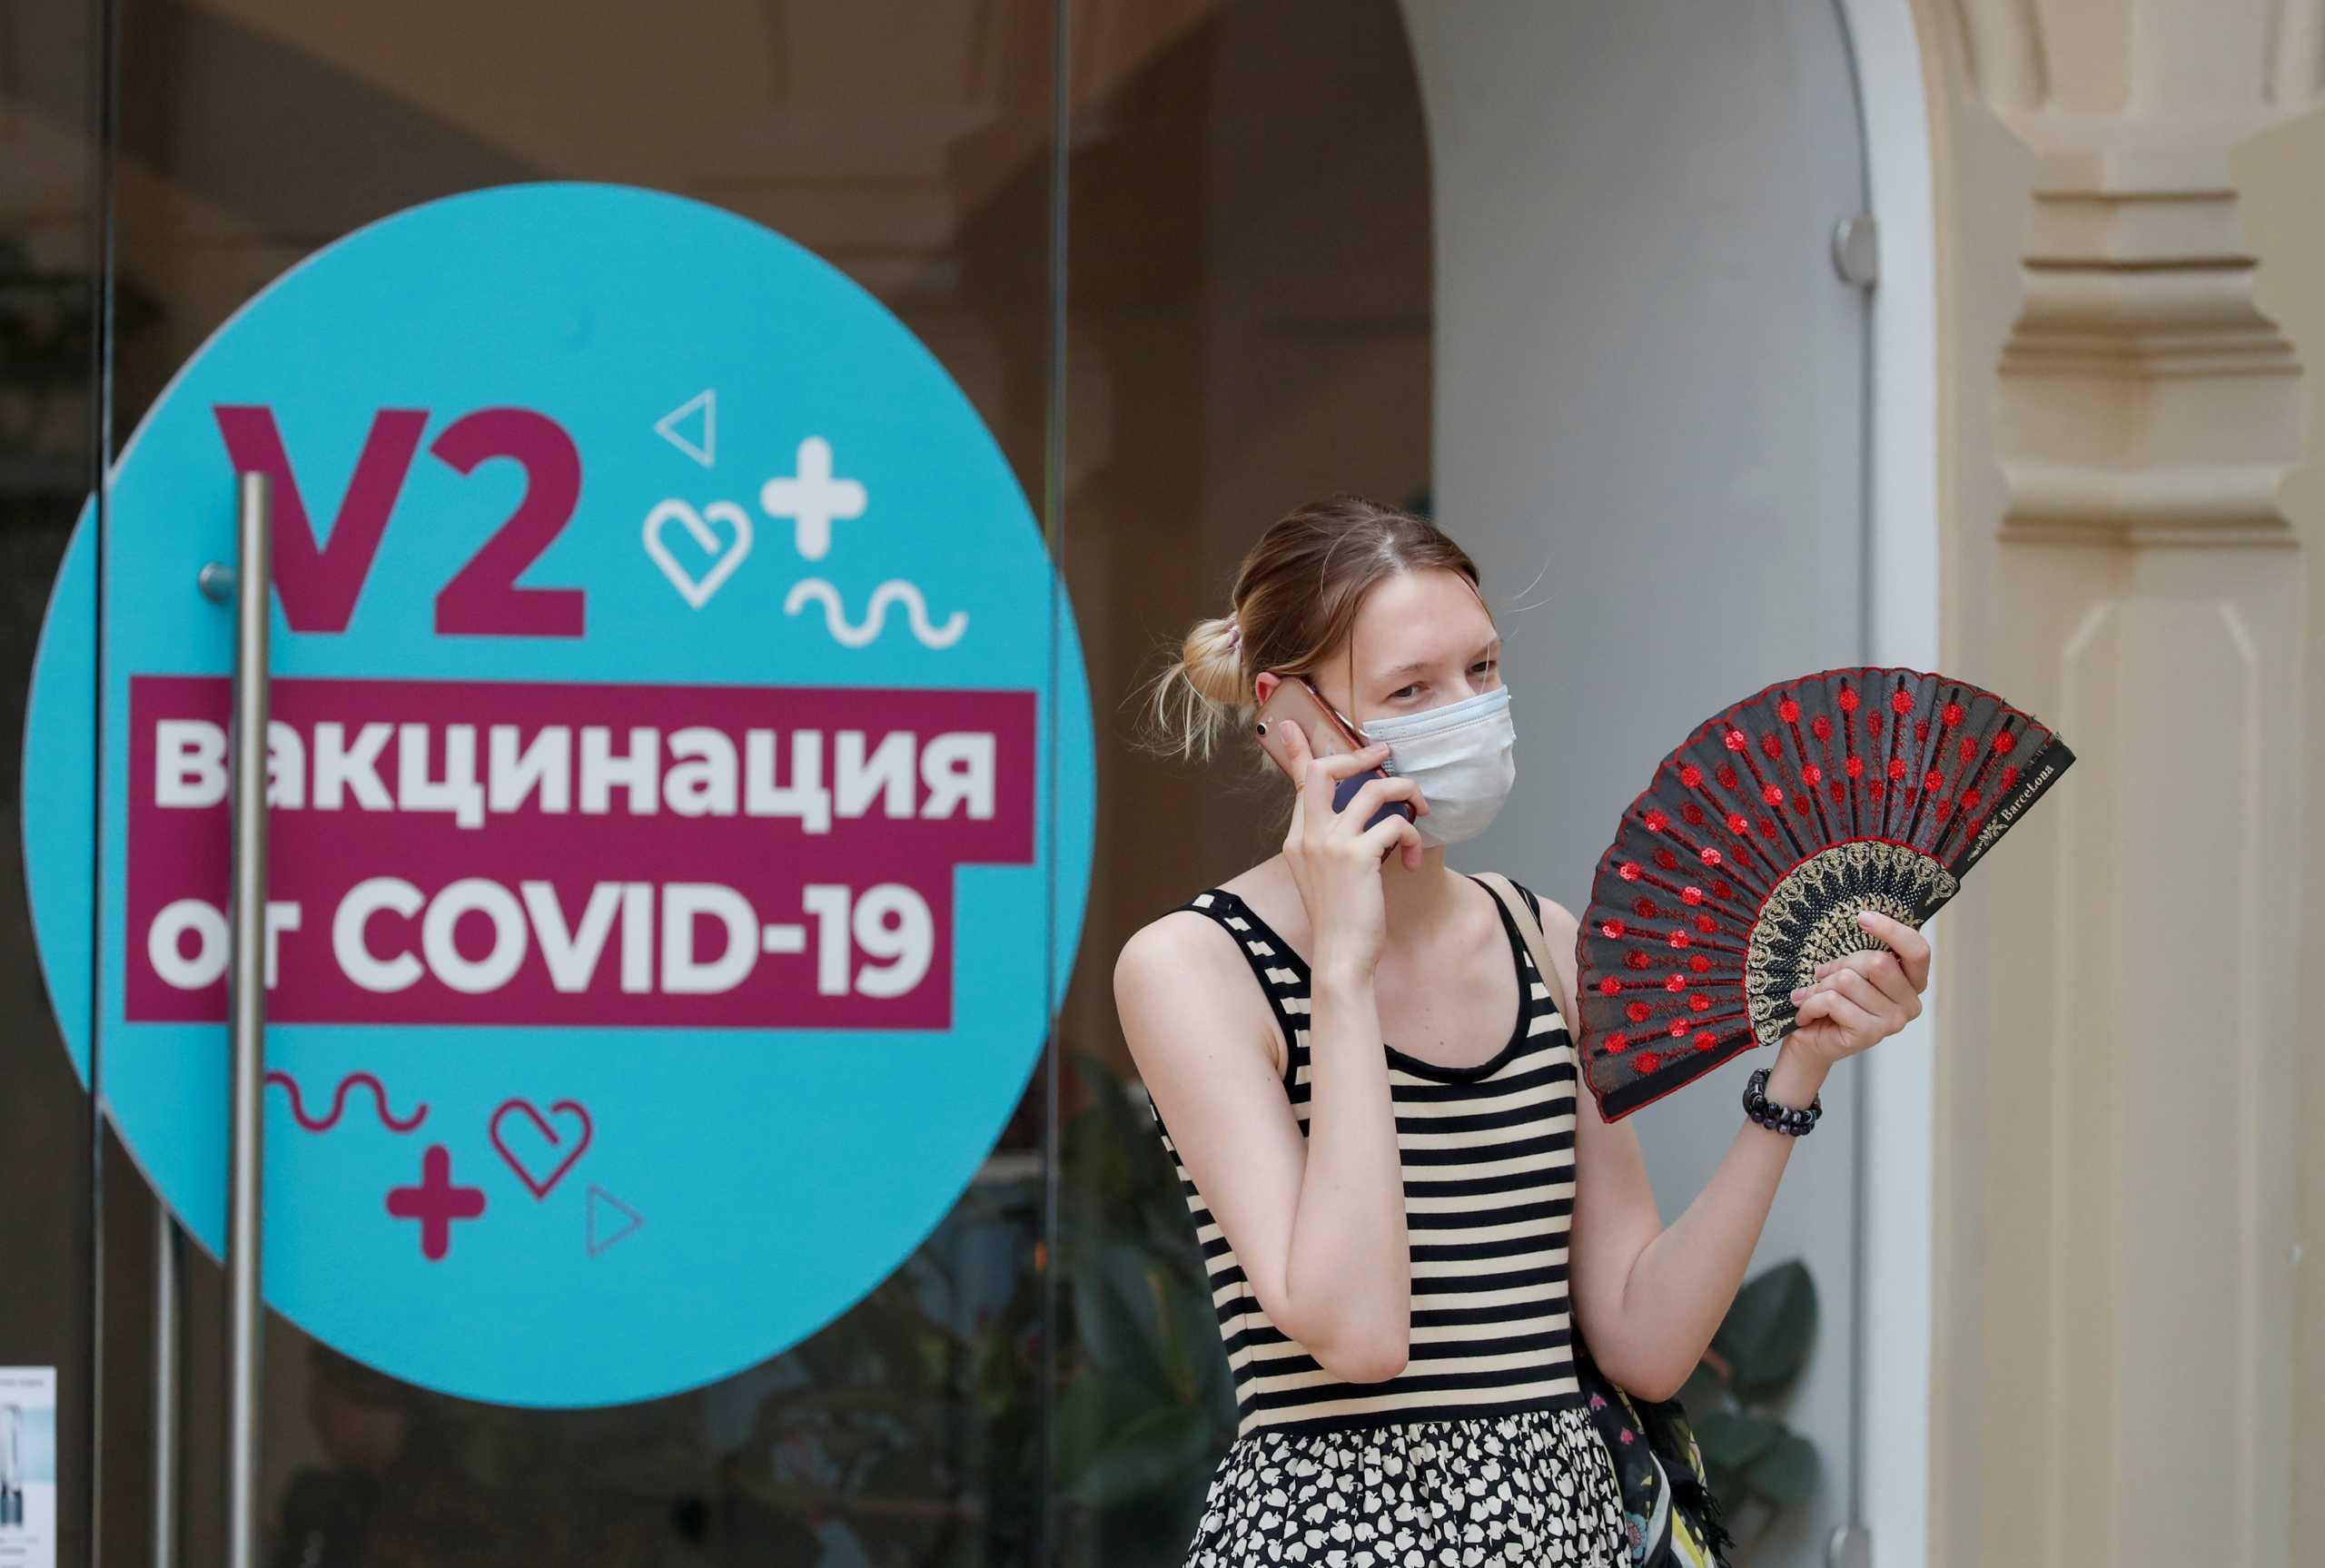 Οι καφετέριες στη Μόσχα δεν δέχονται ανεμβολίαστους – Εξαιρετικά δύσκολη η κατάσταση  λέει ο δήμαρχος